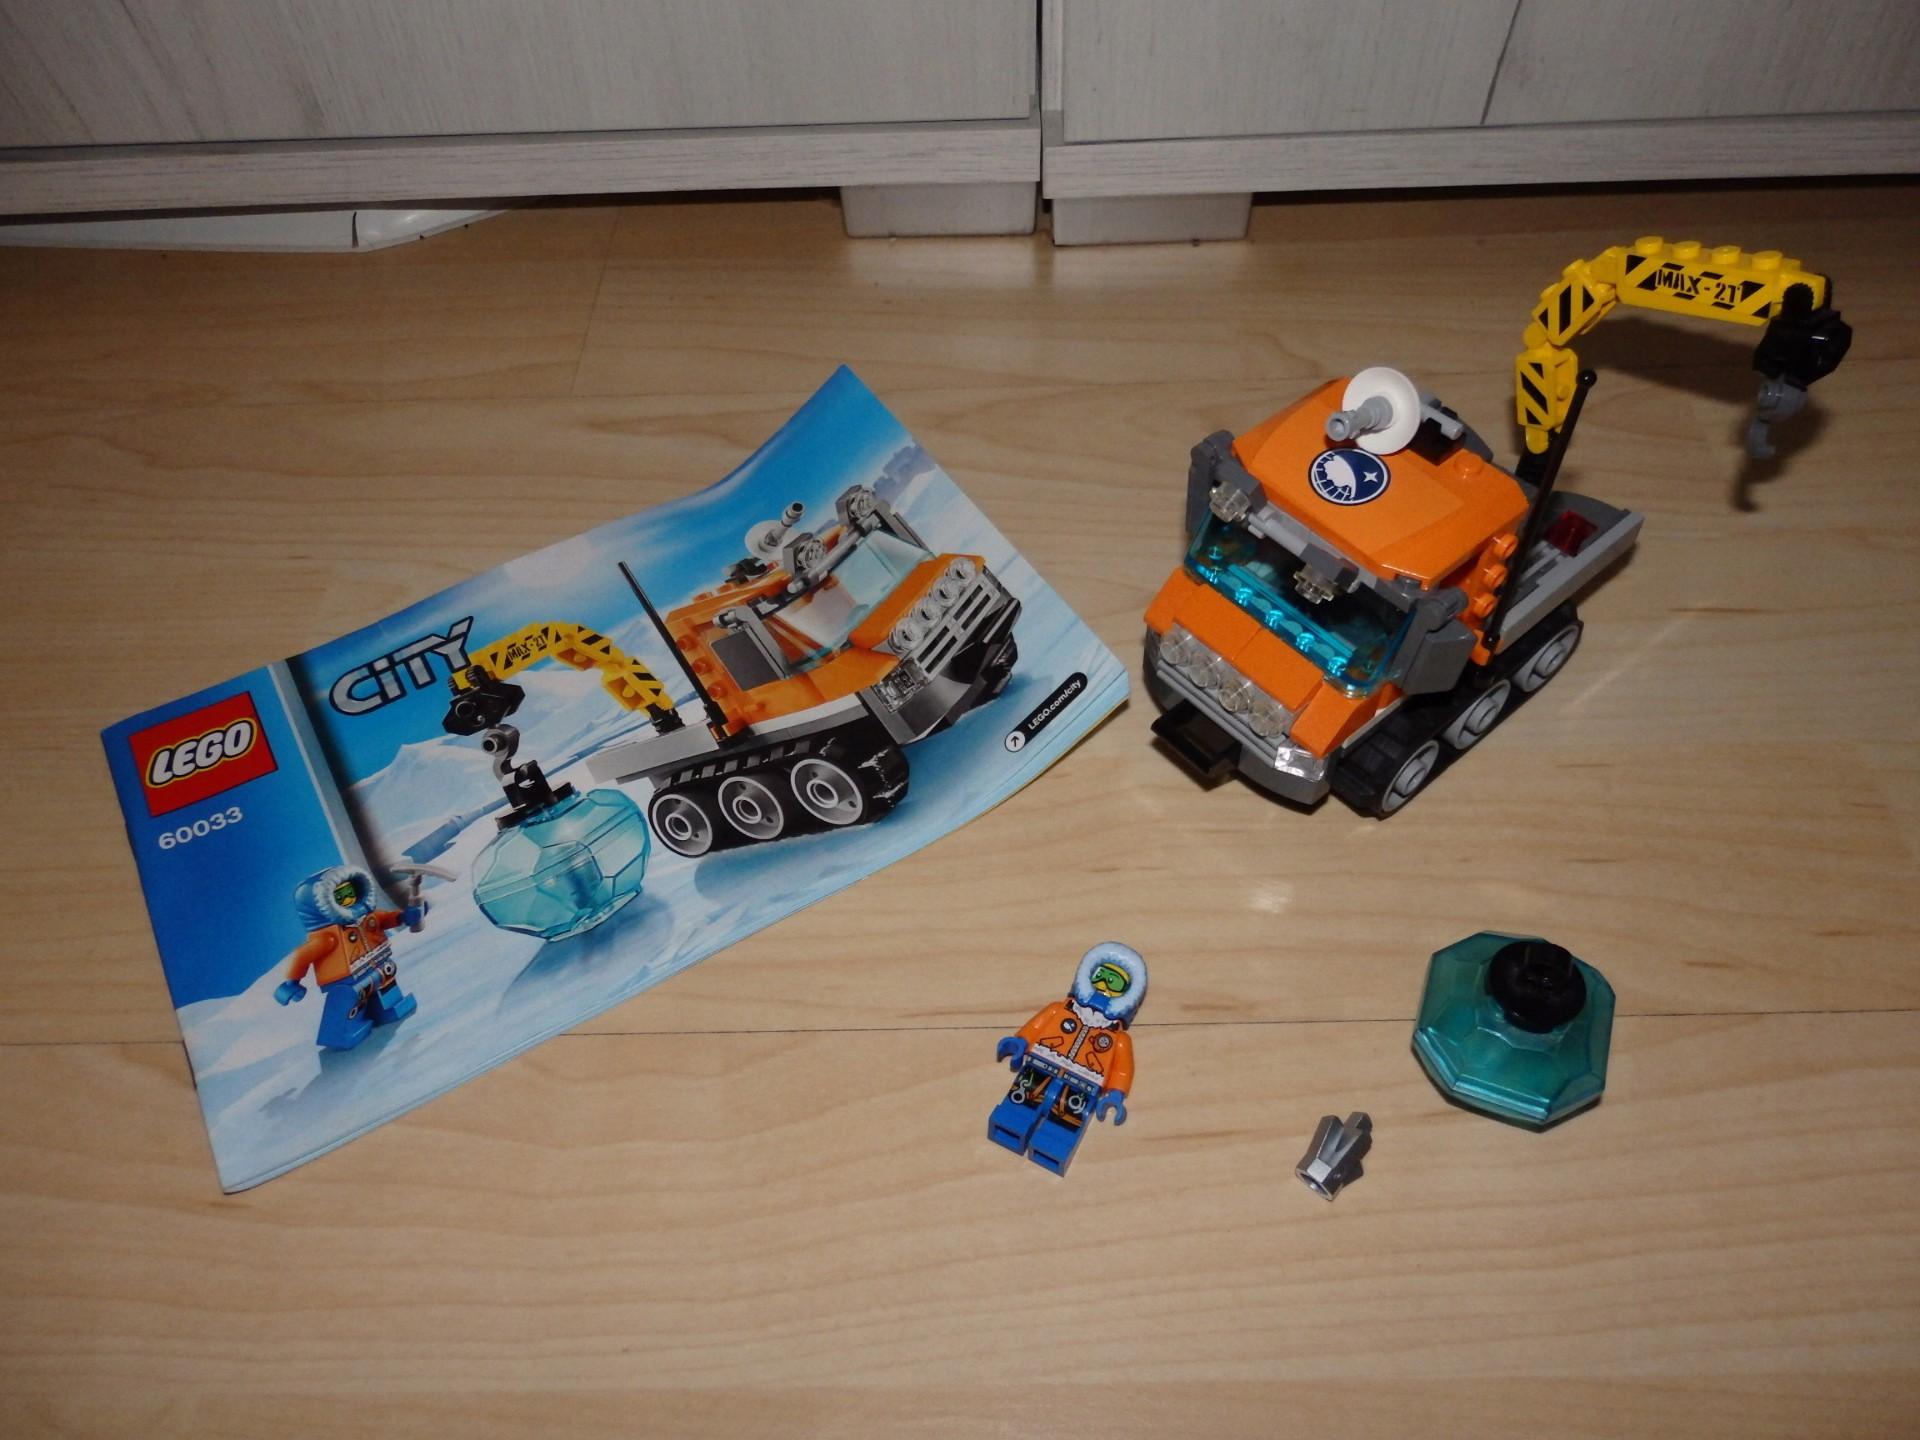 Lego 60033 Arktyczny łazik Arktyka Auto 7422795346 Oficjalne